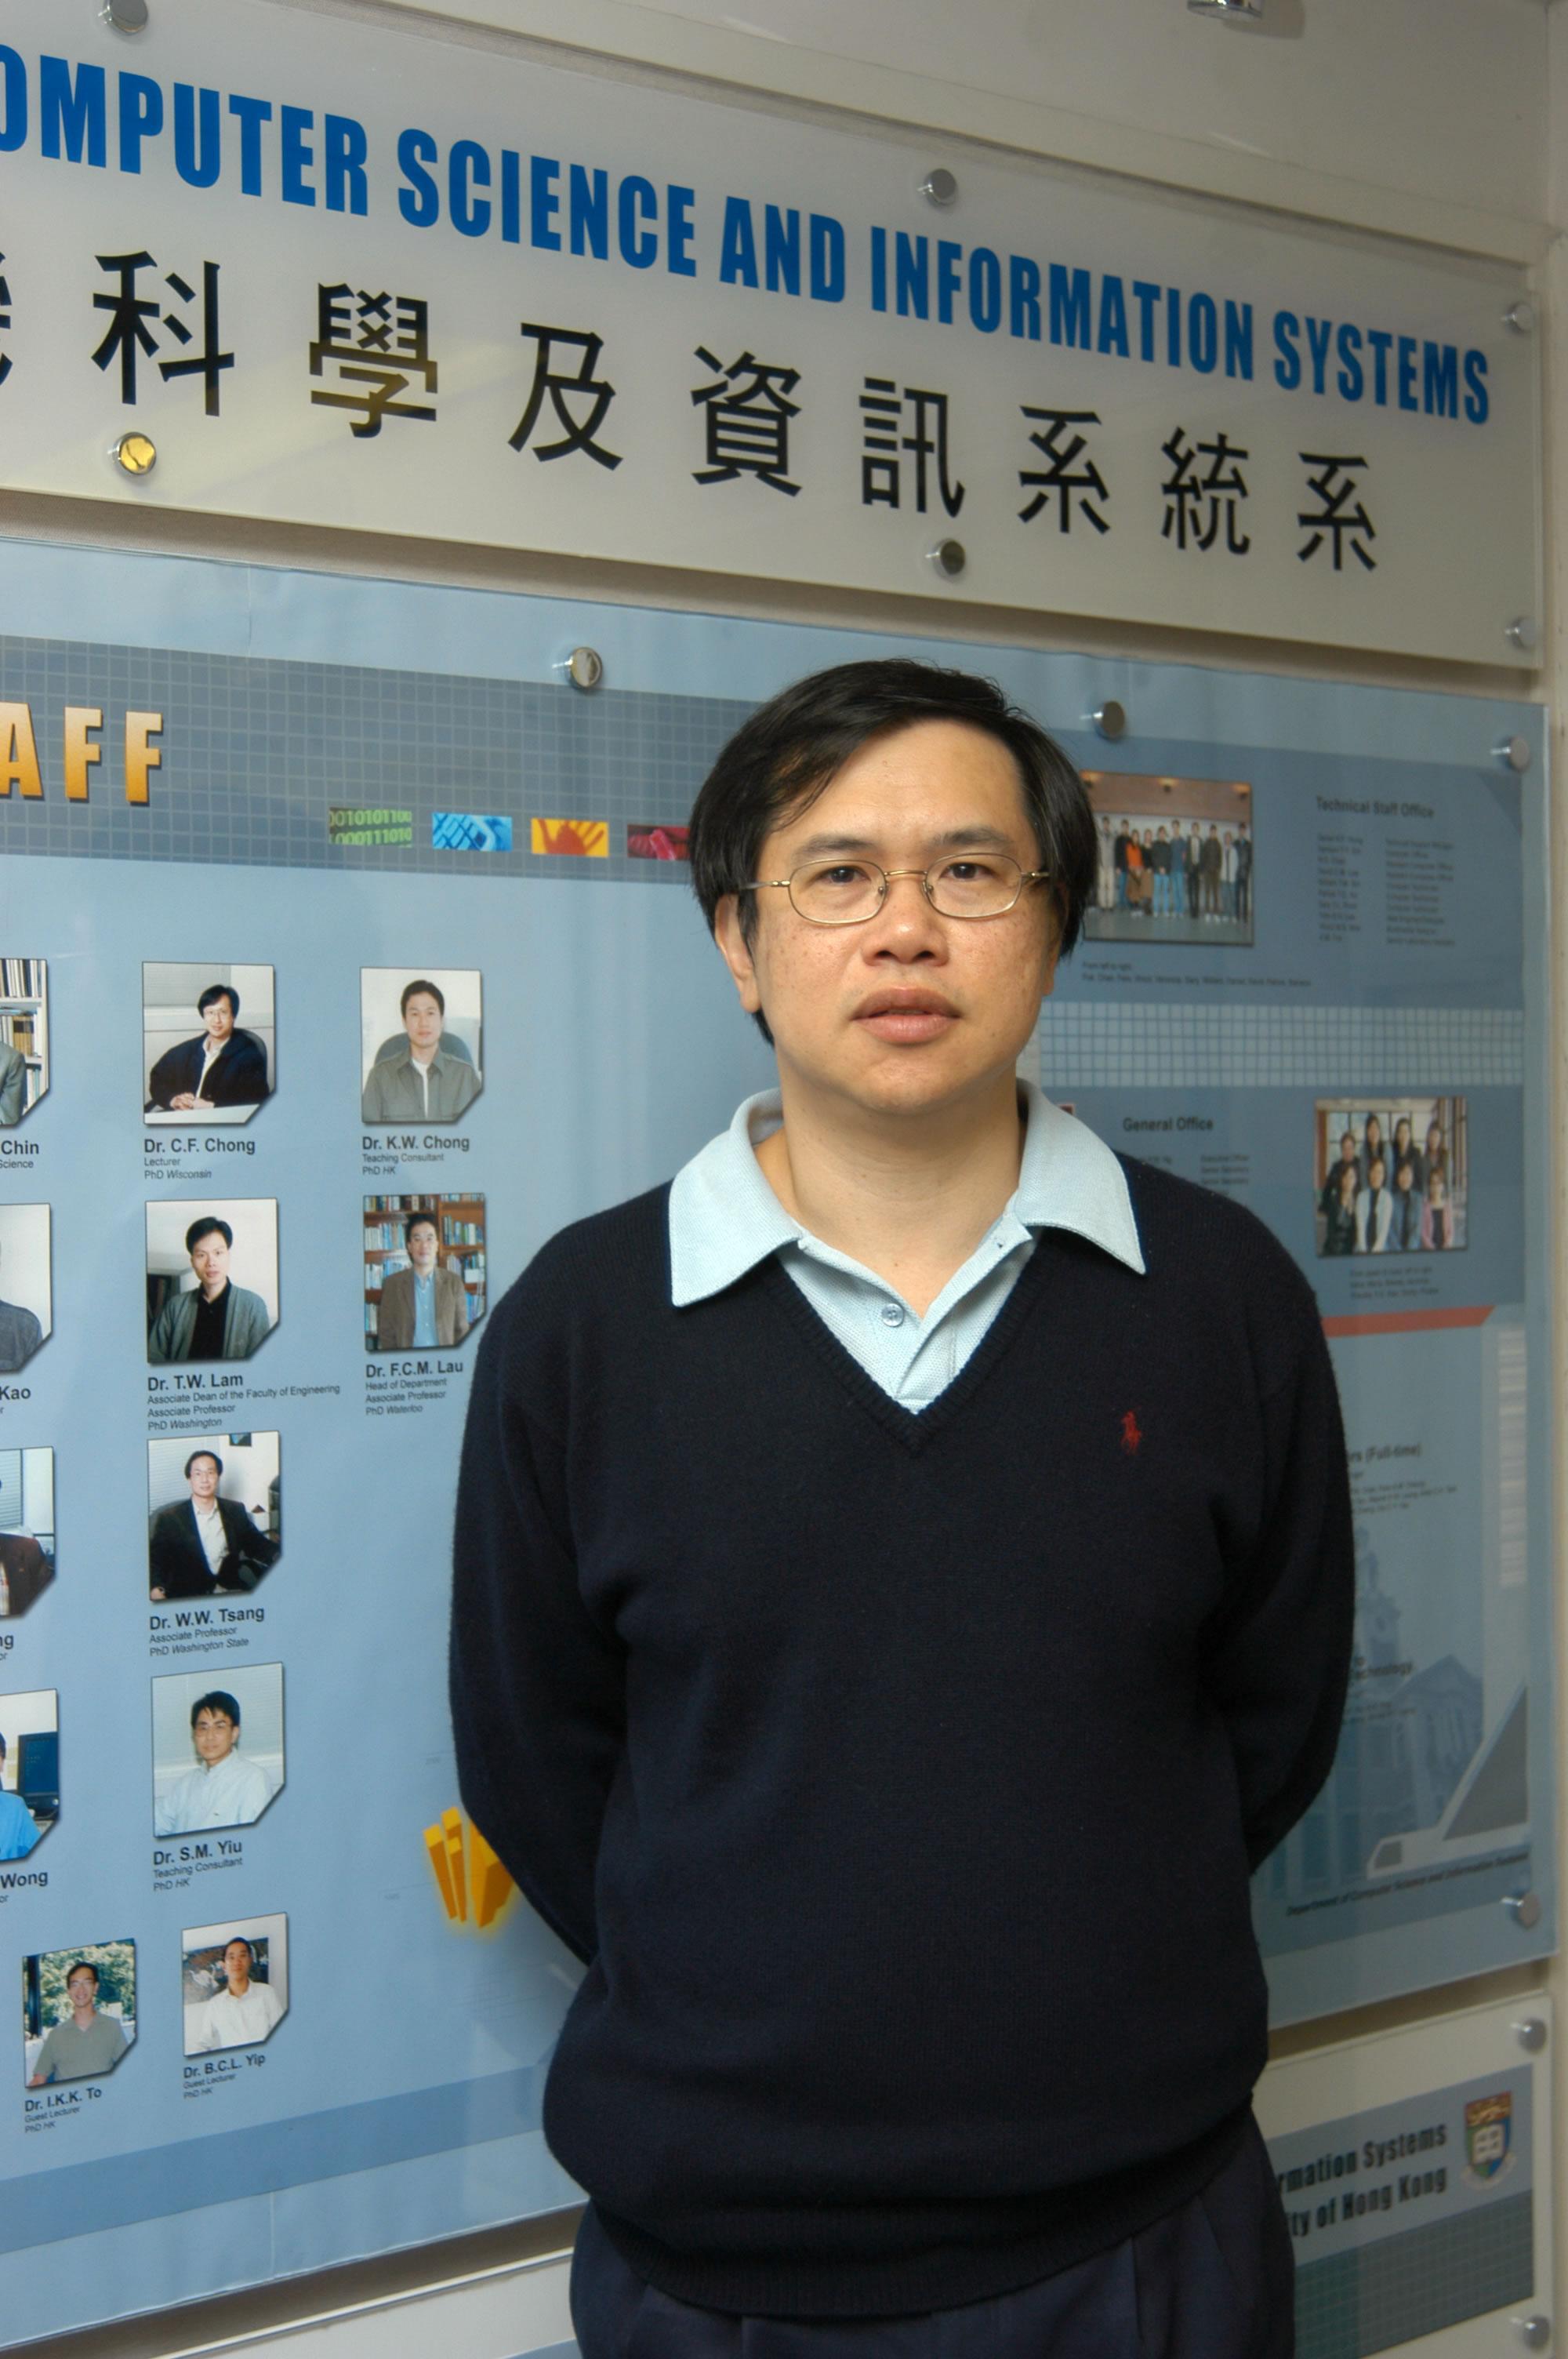 香港大學計算機科學系副教授、資訊保安及密碼學研究中心副主任鄒錦沛博士